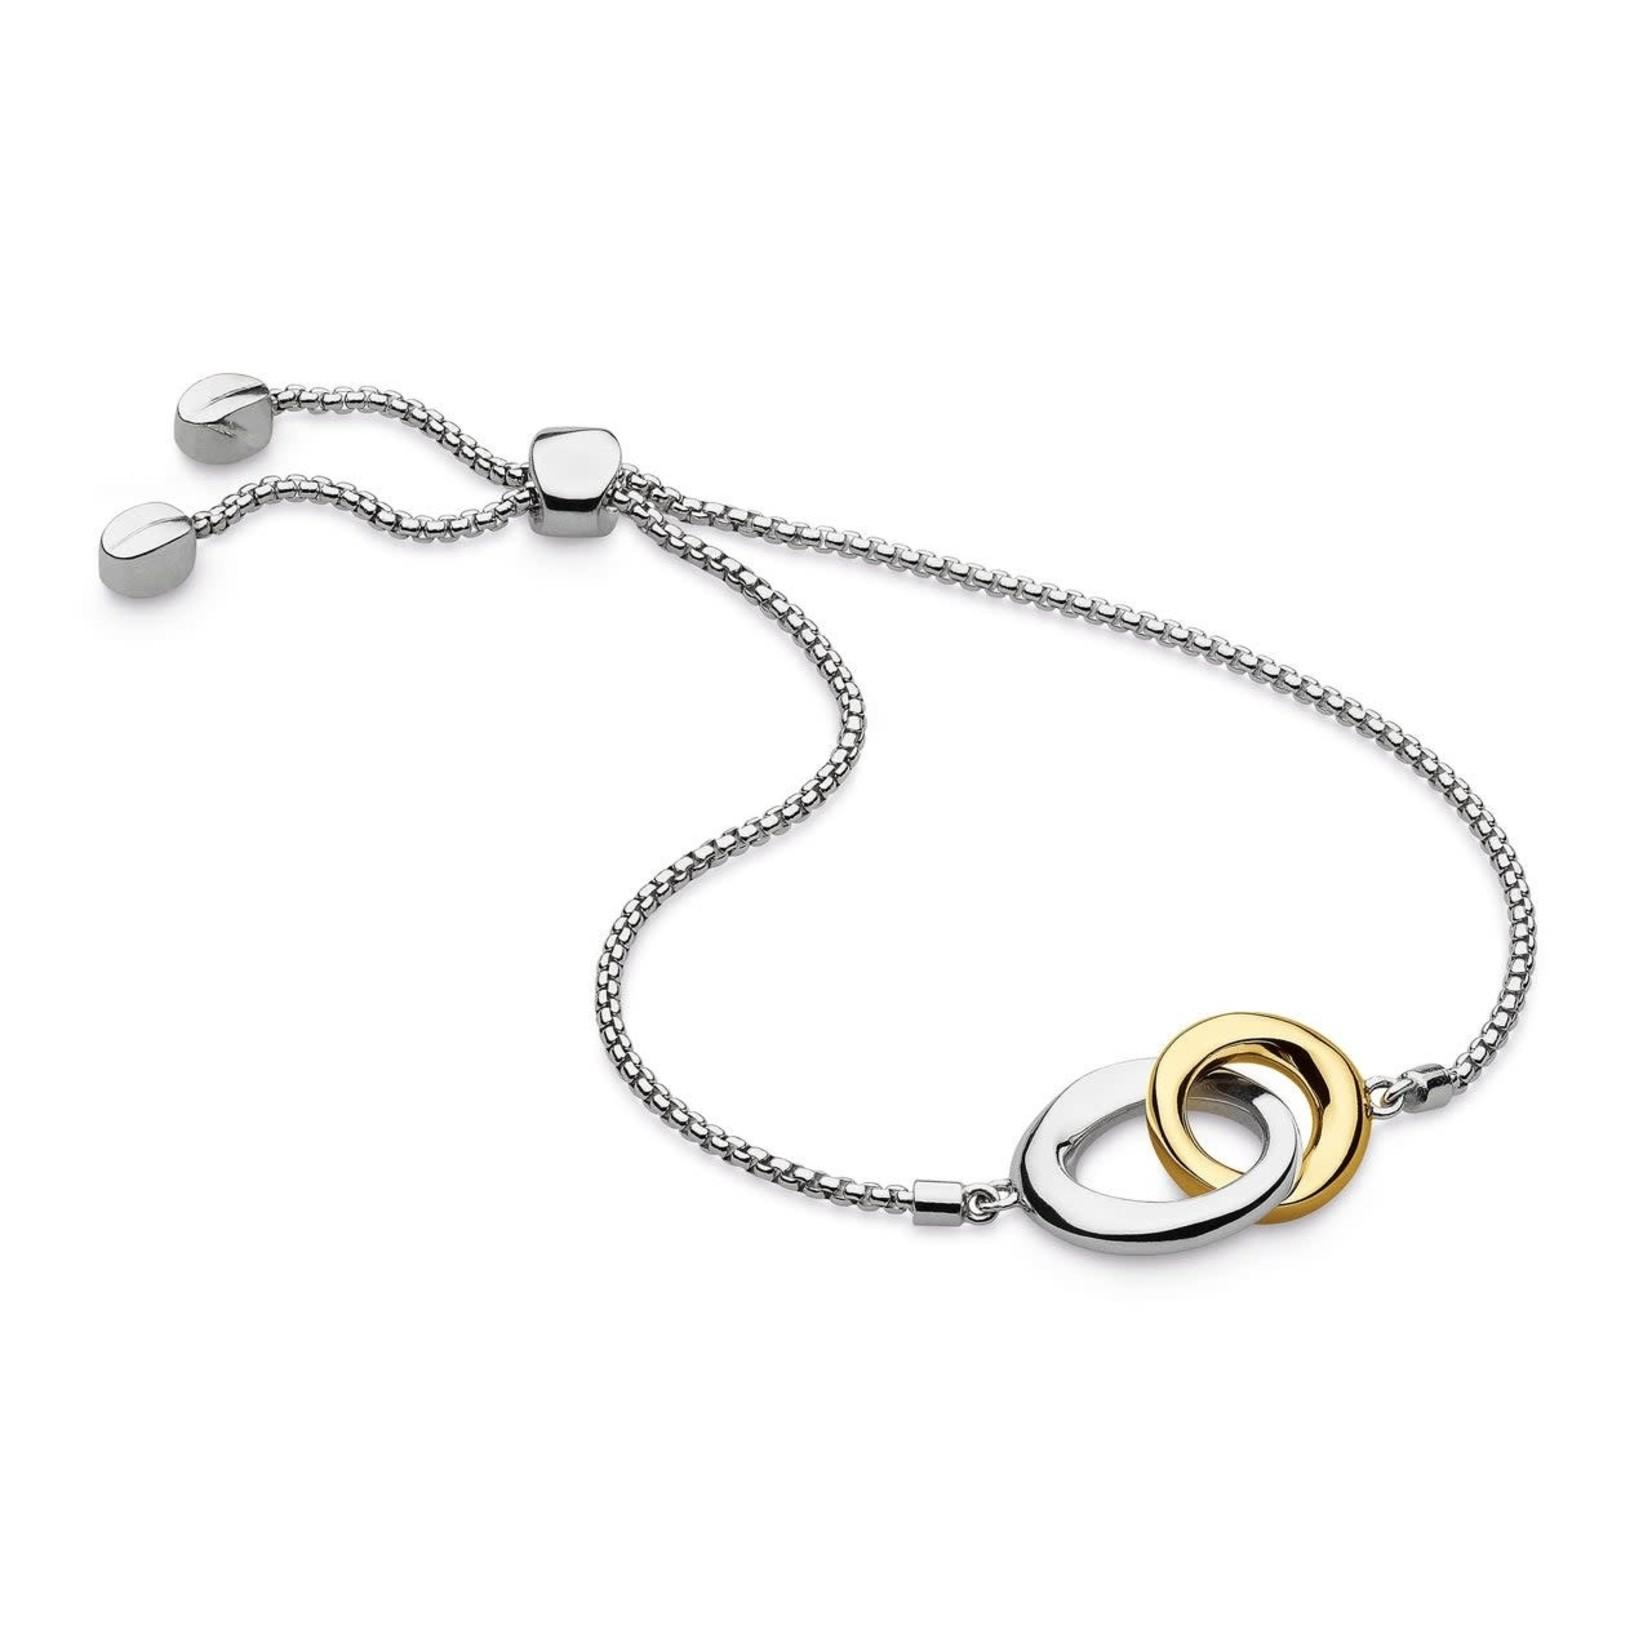 Bevel Cirque Link Toggle Bracelet